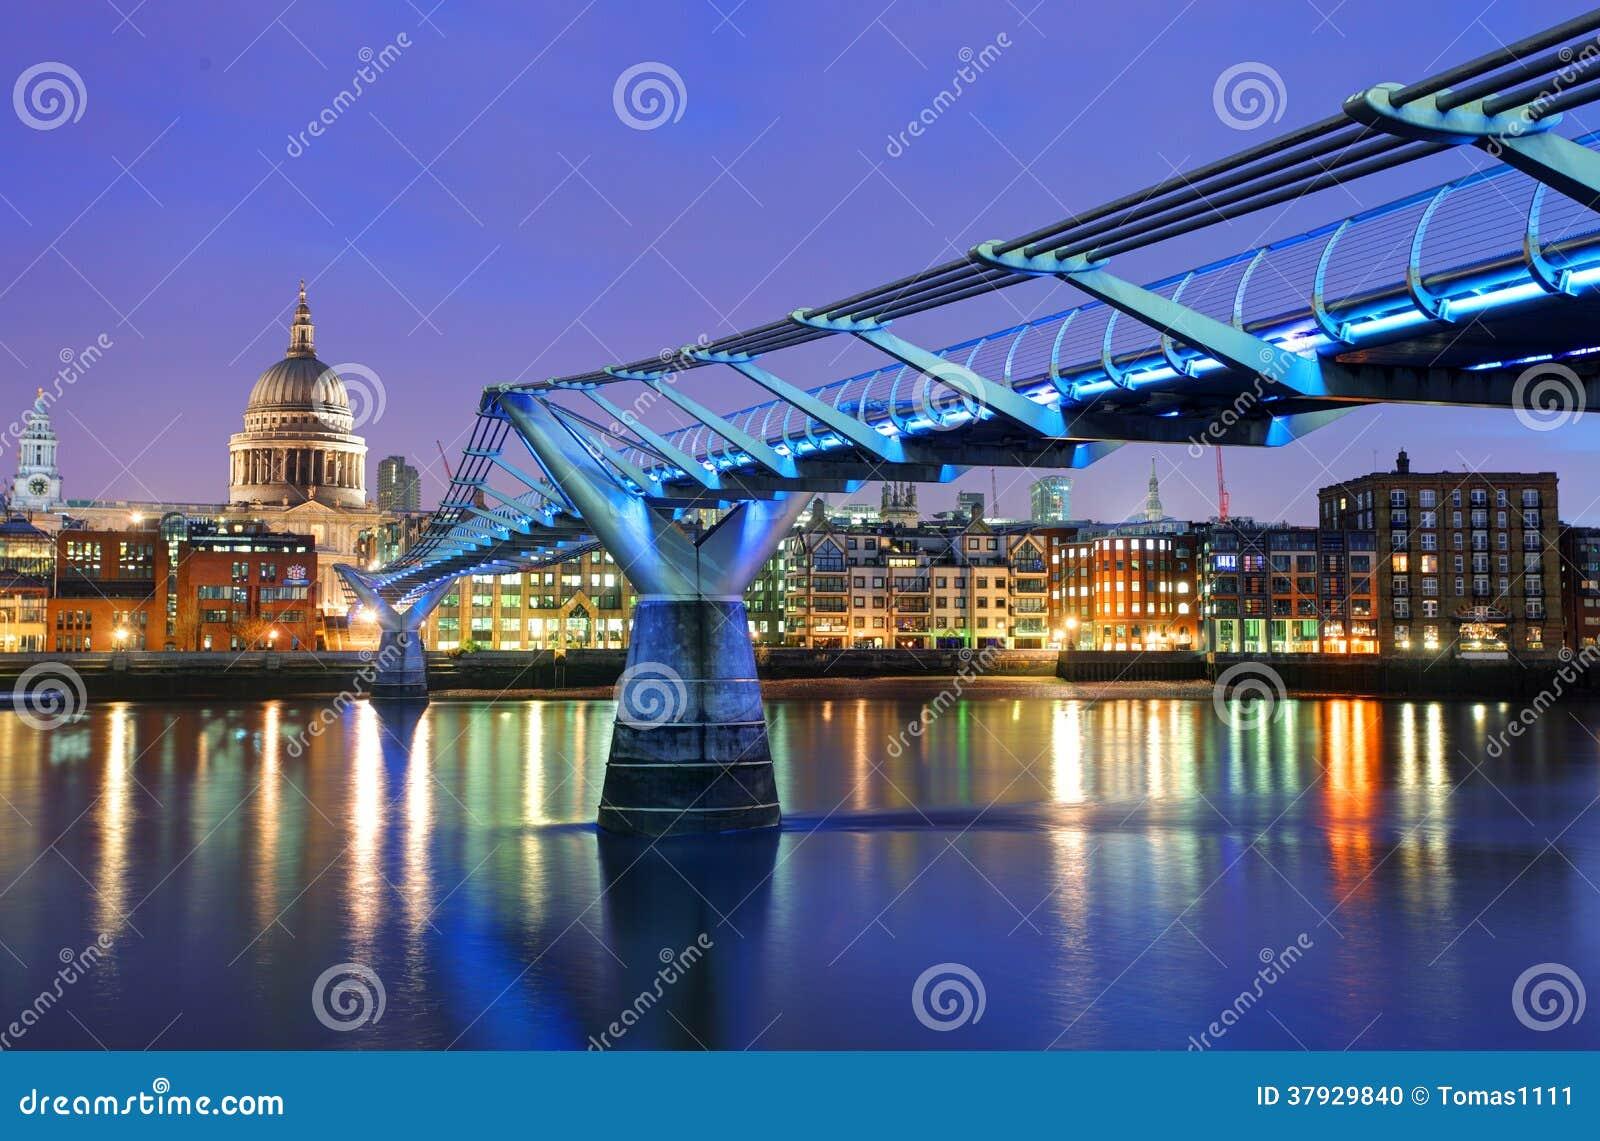 Мост тысячелетия и собор St Paul, Лондон, Великобритания